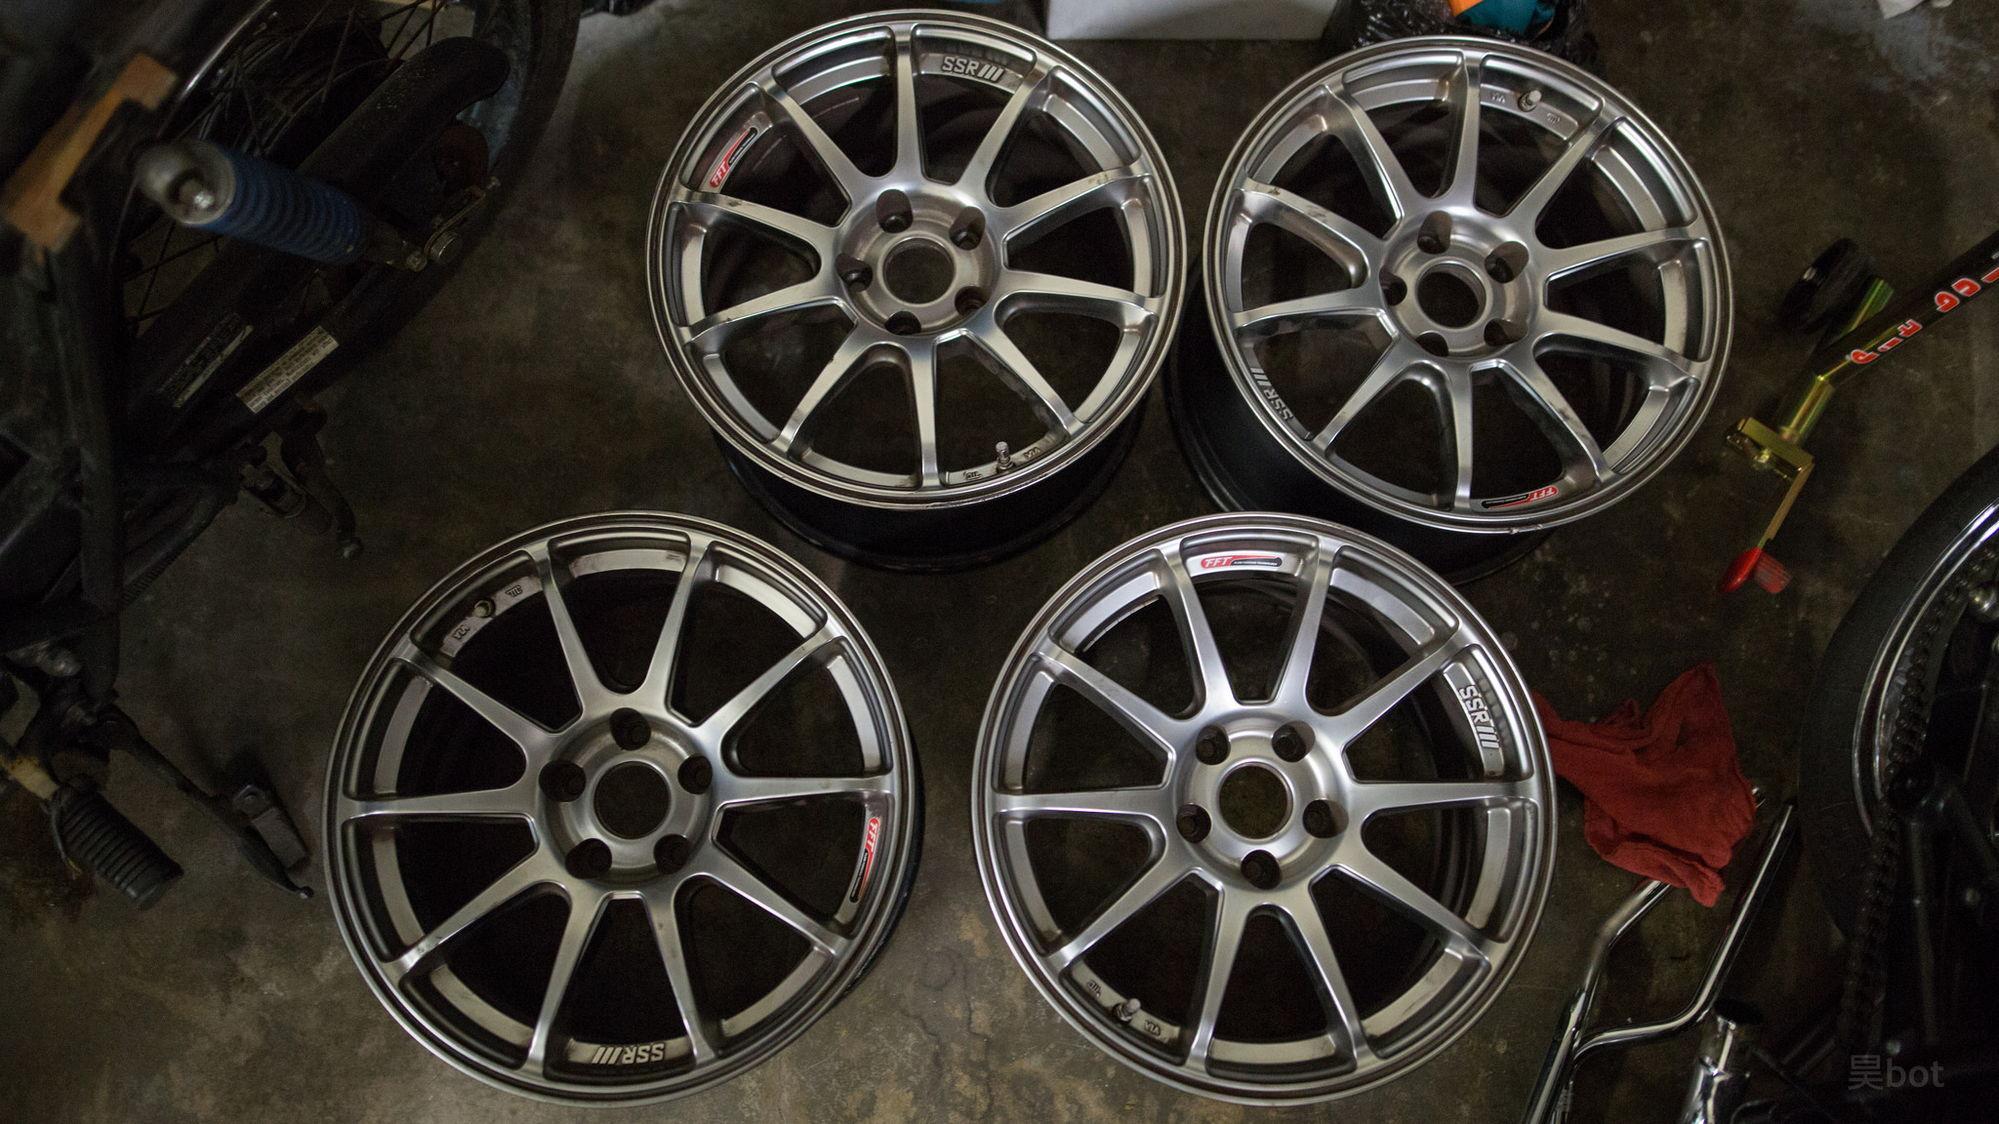 FS: SSR GTV02 silver 17x9 45mm offset 80-31569587462_b53aa8dfed_k_b9828e7345e6a7d427aff6e72b3f60dfe5a7ec24